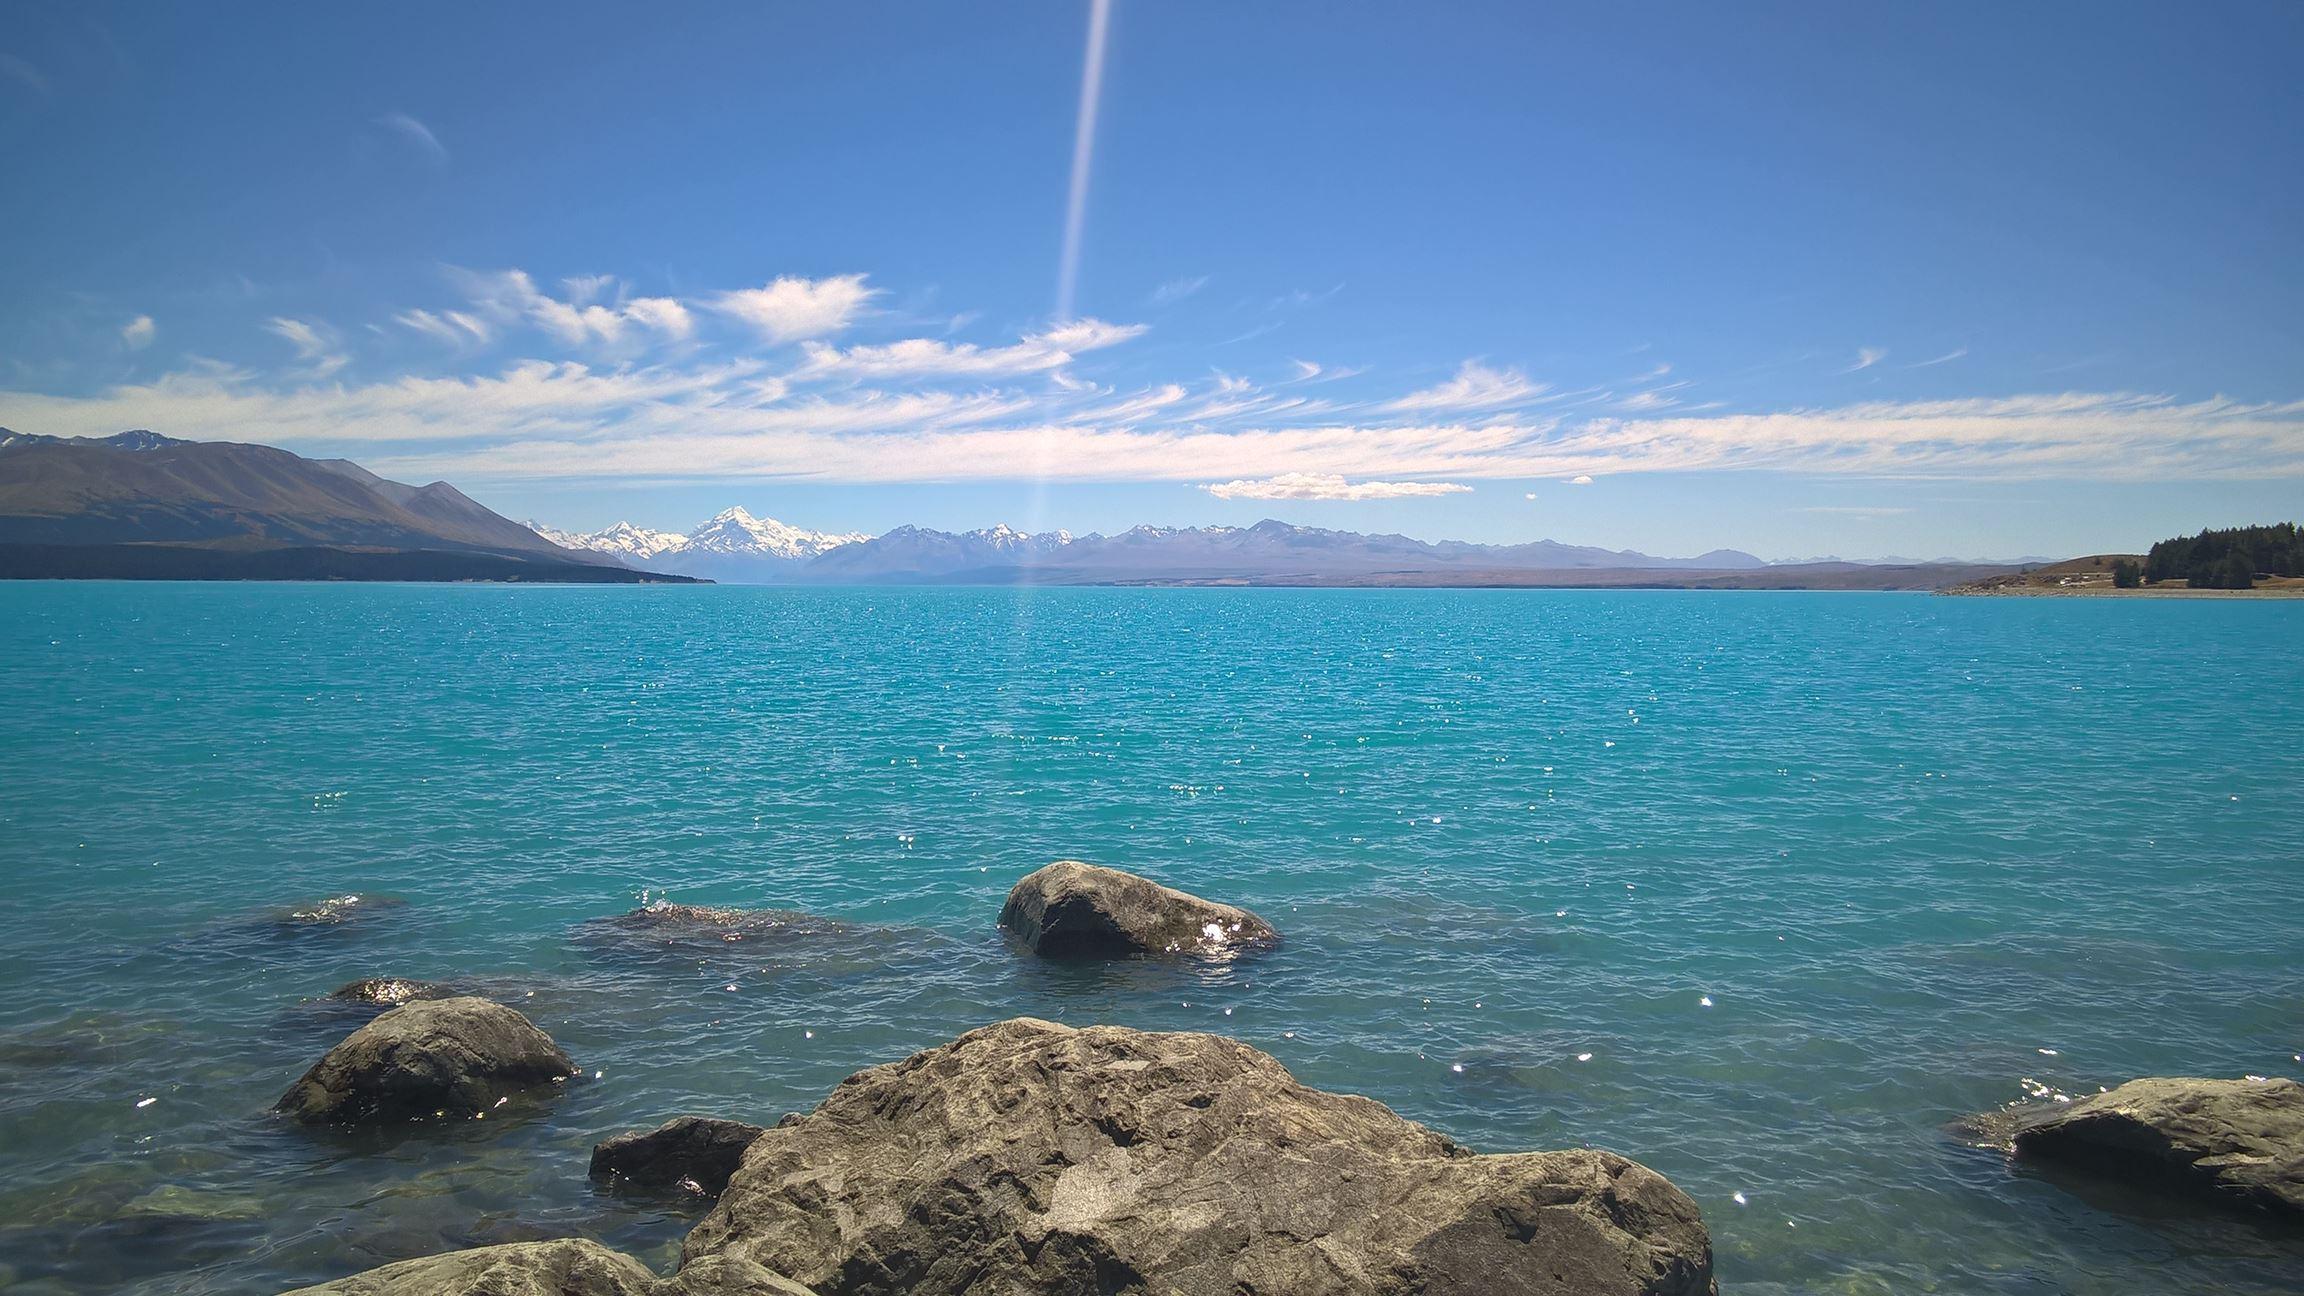 ... und das türkis-blaue Wasser des Sees